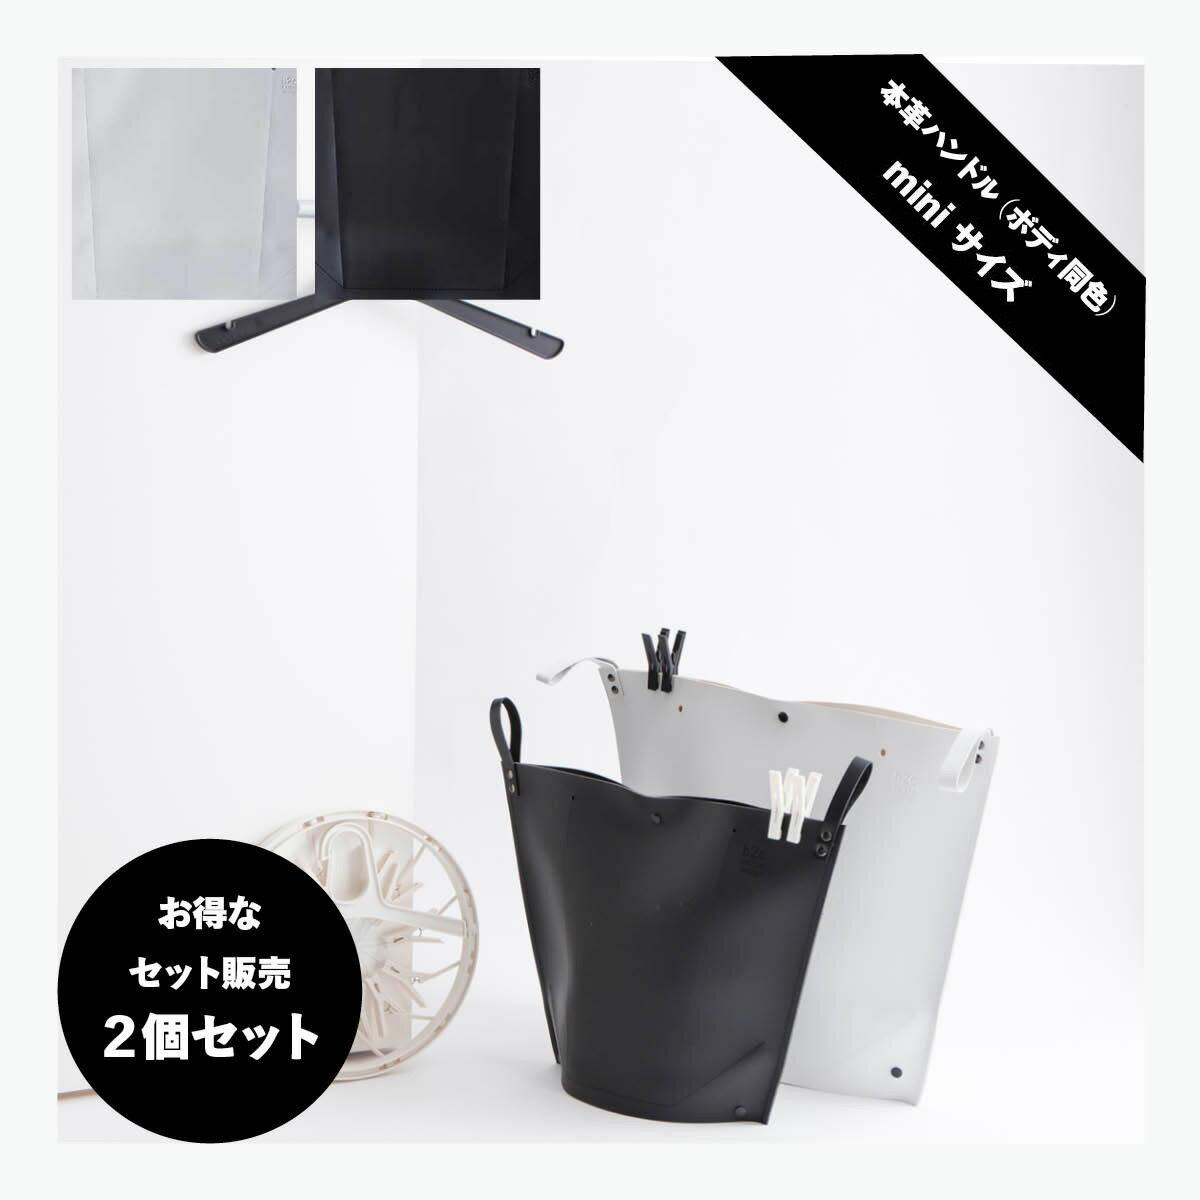 [当店通常価格¥6,264 |お得なセット販売●b2cランドリーバッグ(ハンドル本革同色)レギュラーサイズ=2個セット]